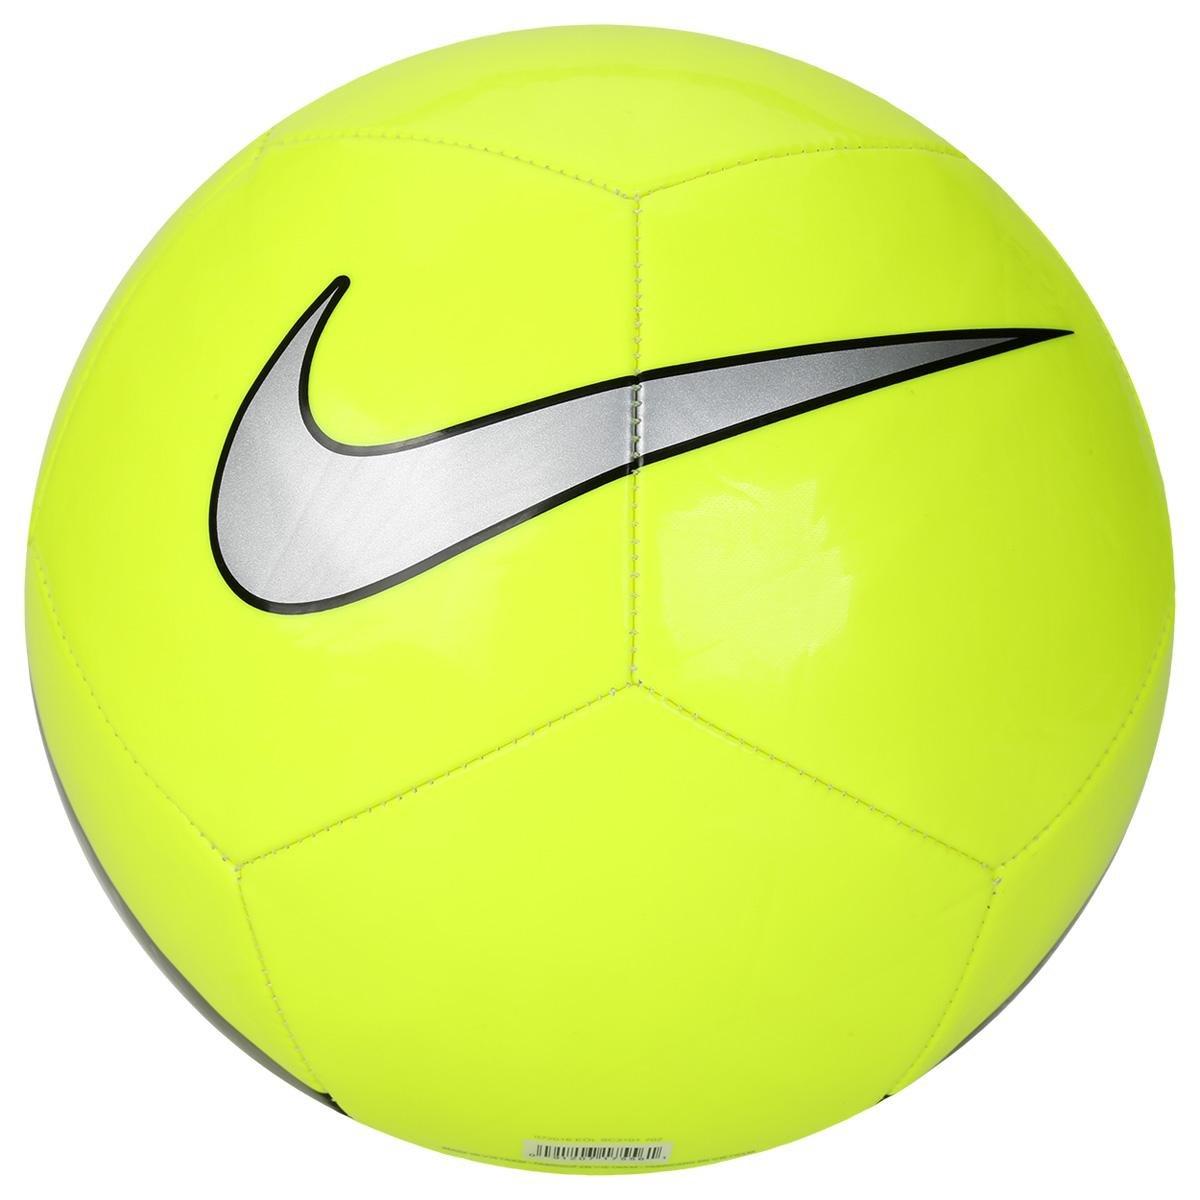 Bola Futebol Campo Nike Pitch Trainning - Verde Limão - Compre Agora ... 7c08ae7b89719